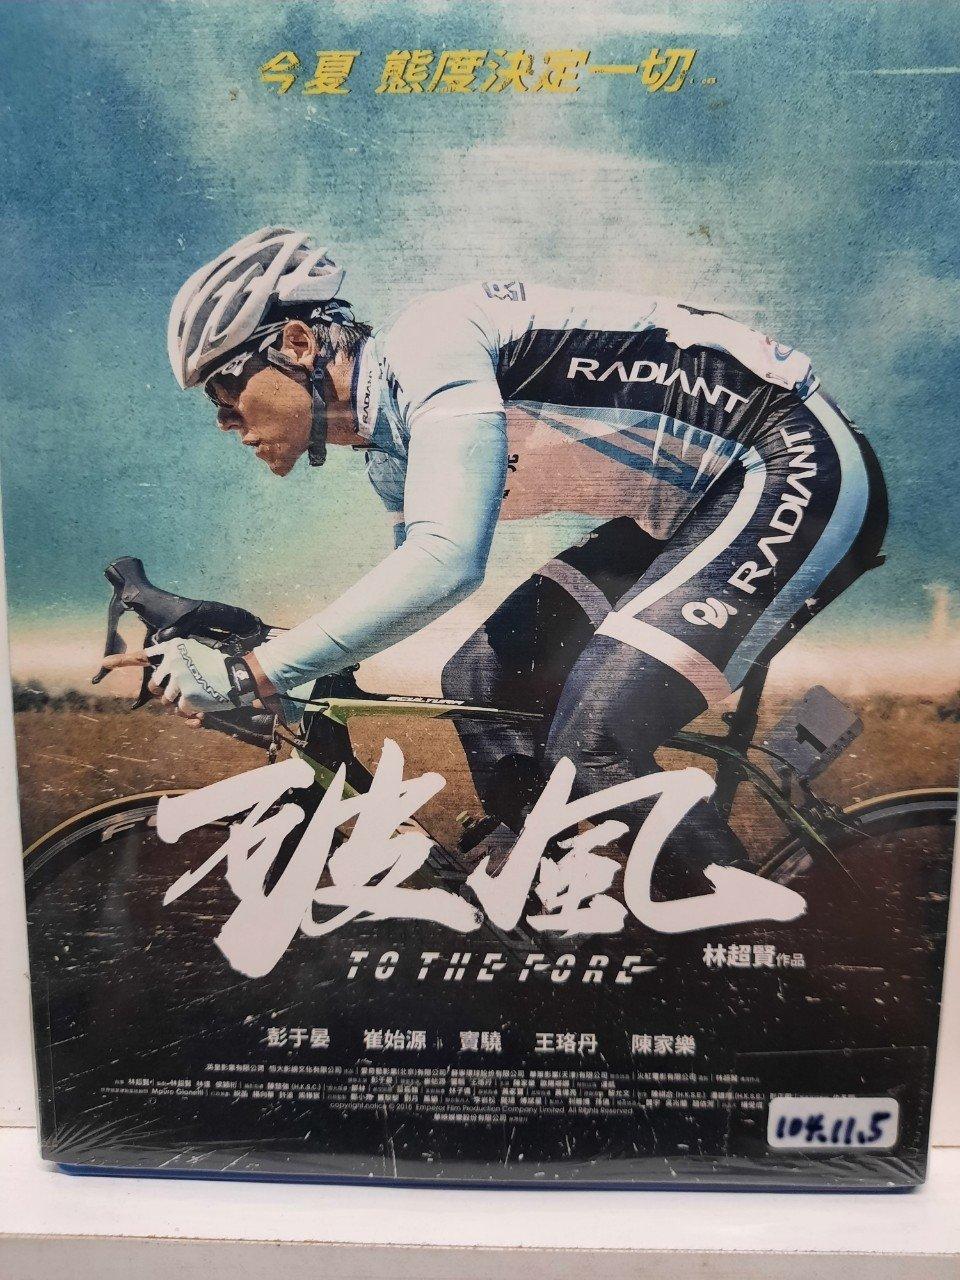 【 LECH 影音專賣坊~*】破風 BD 7743(二手片)滿千元免運費!